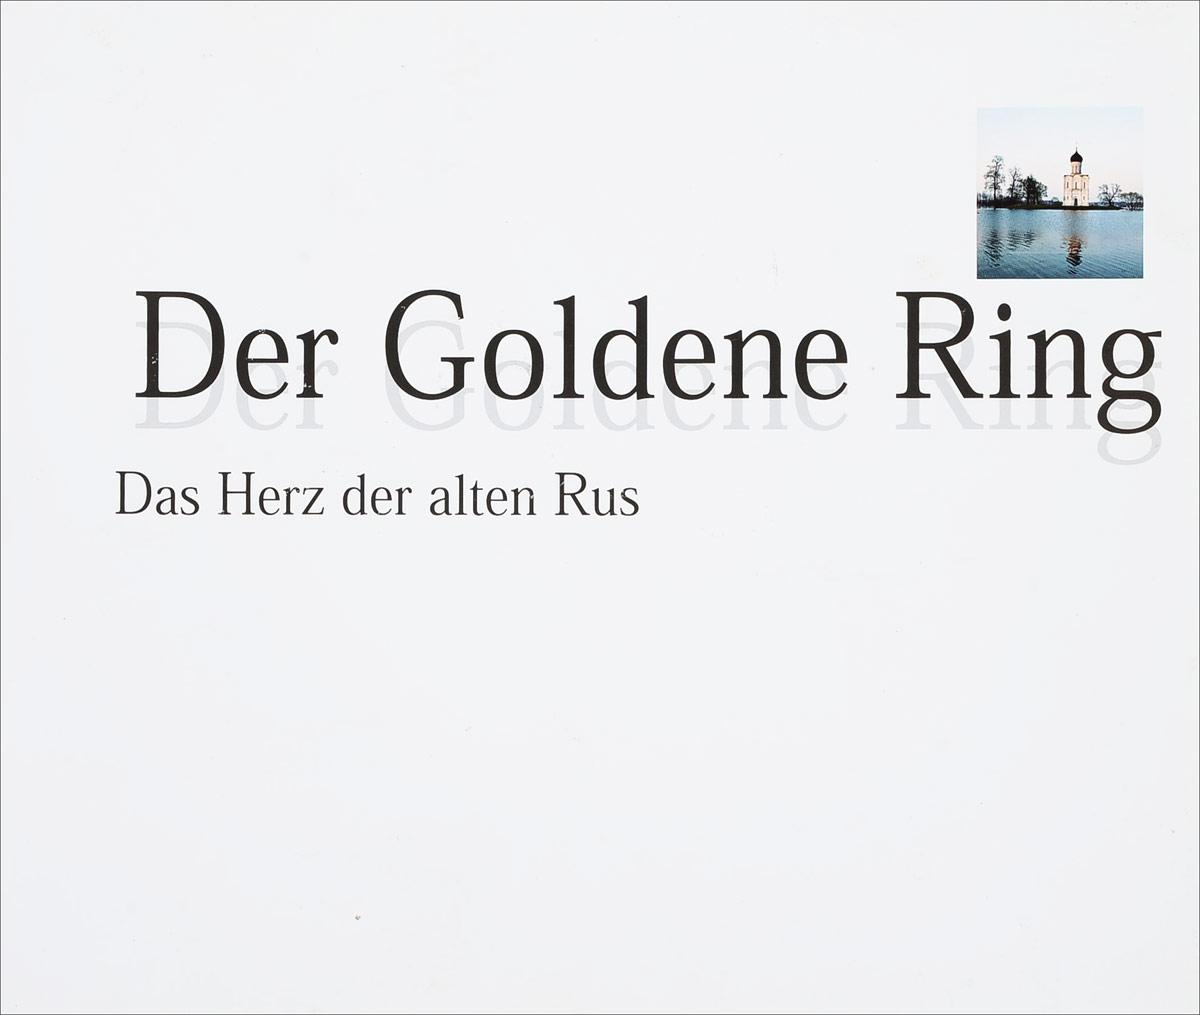 Der Goldene Ring. Das Herz der alten Rus der goldene ring